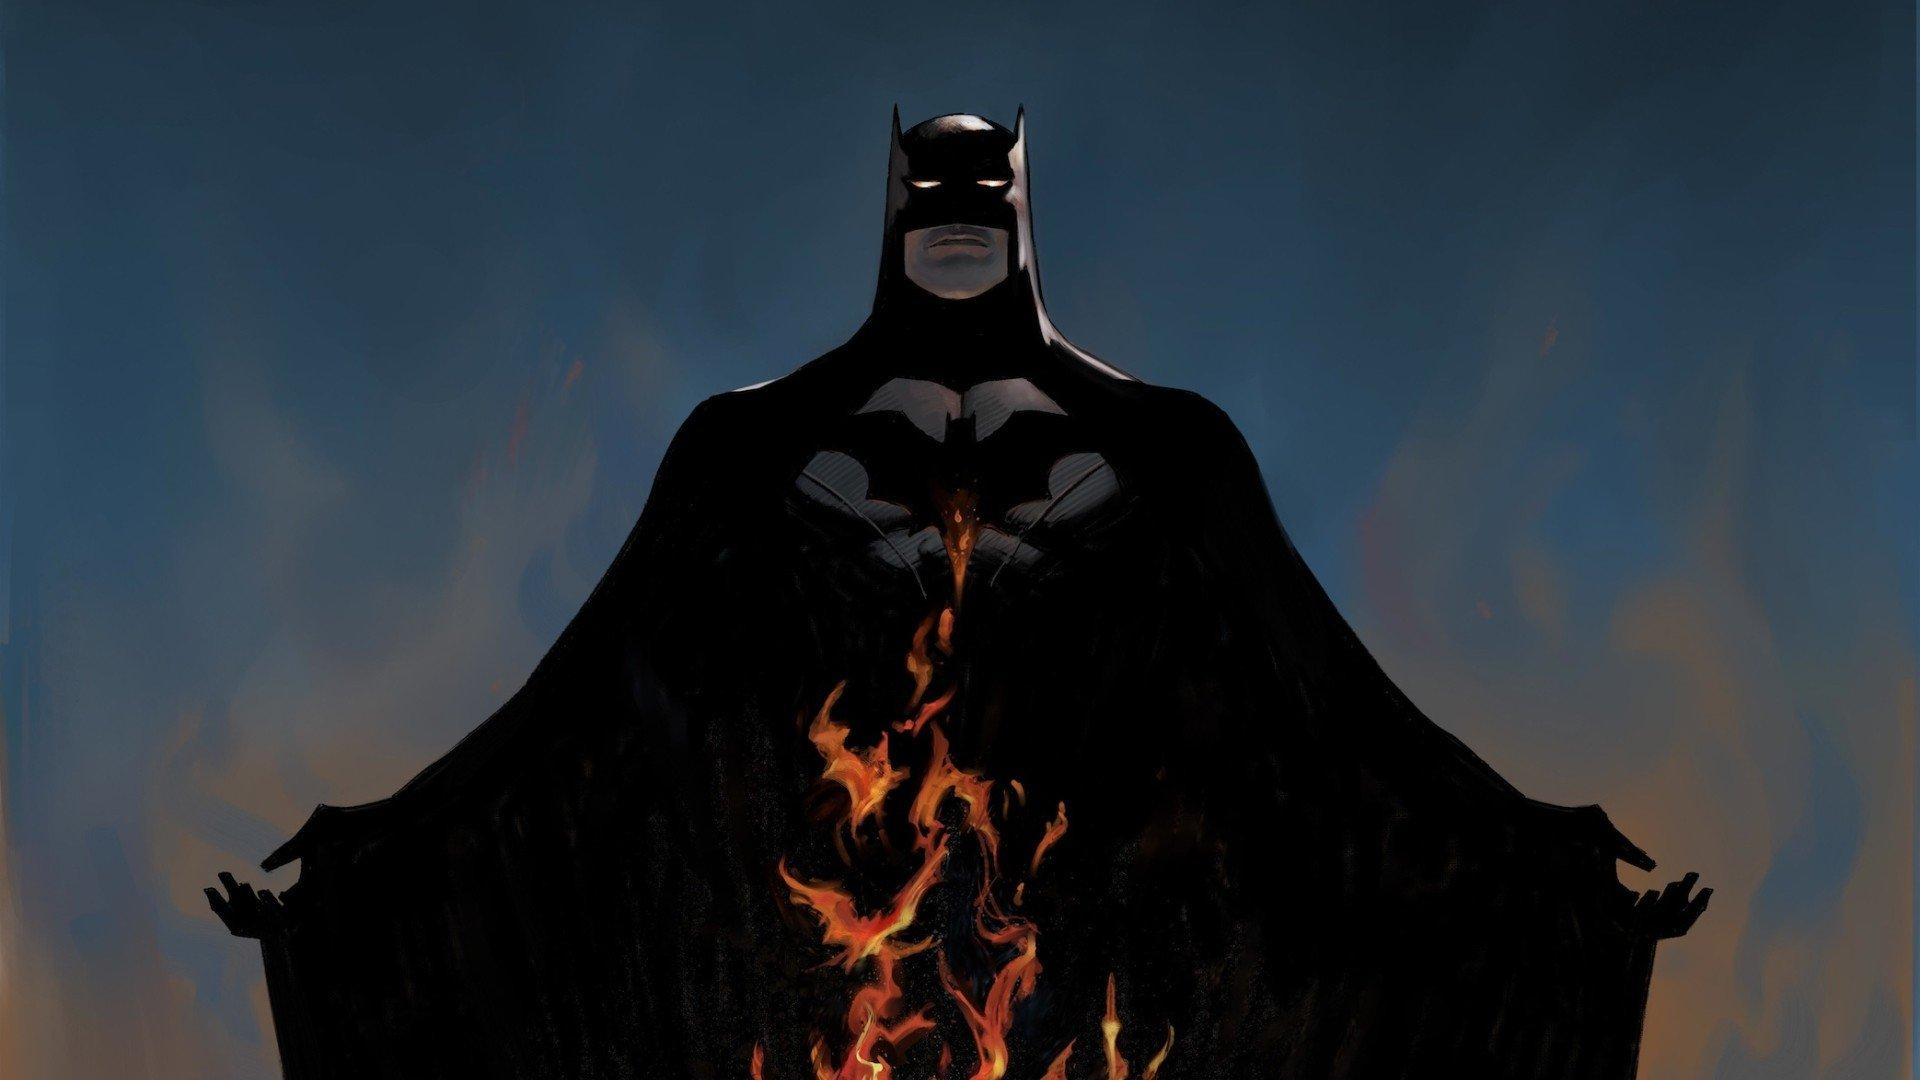 flames batman dc comics comics wallpaper 1920x1080